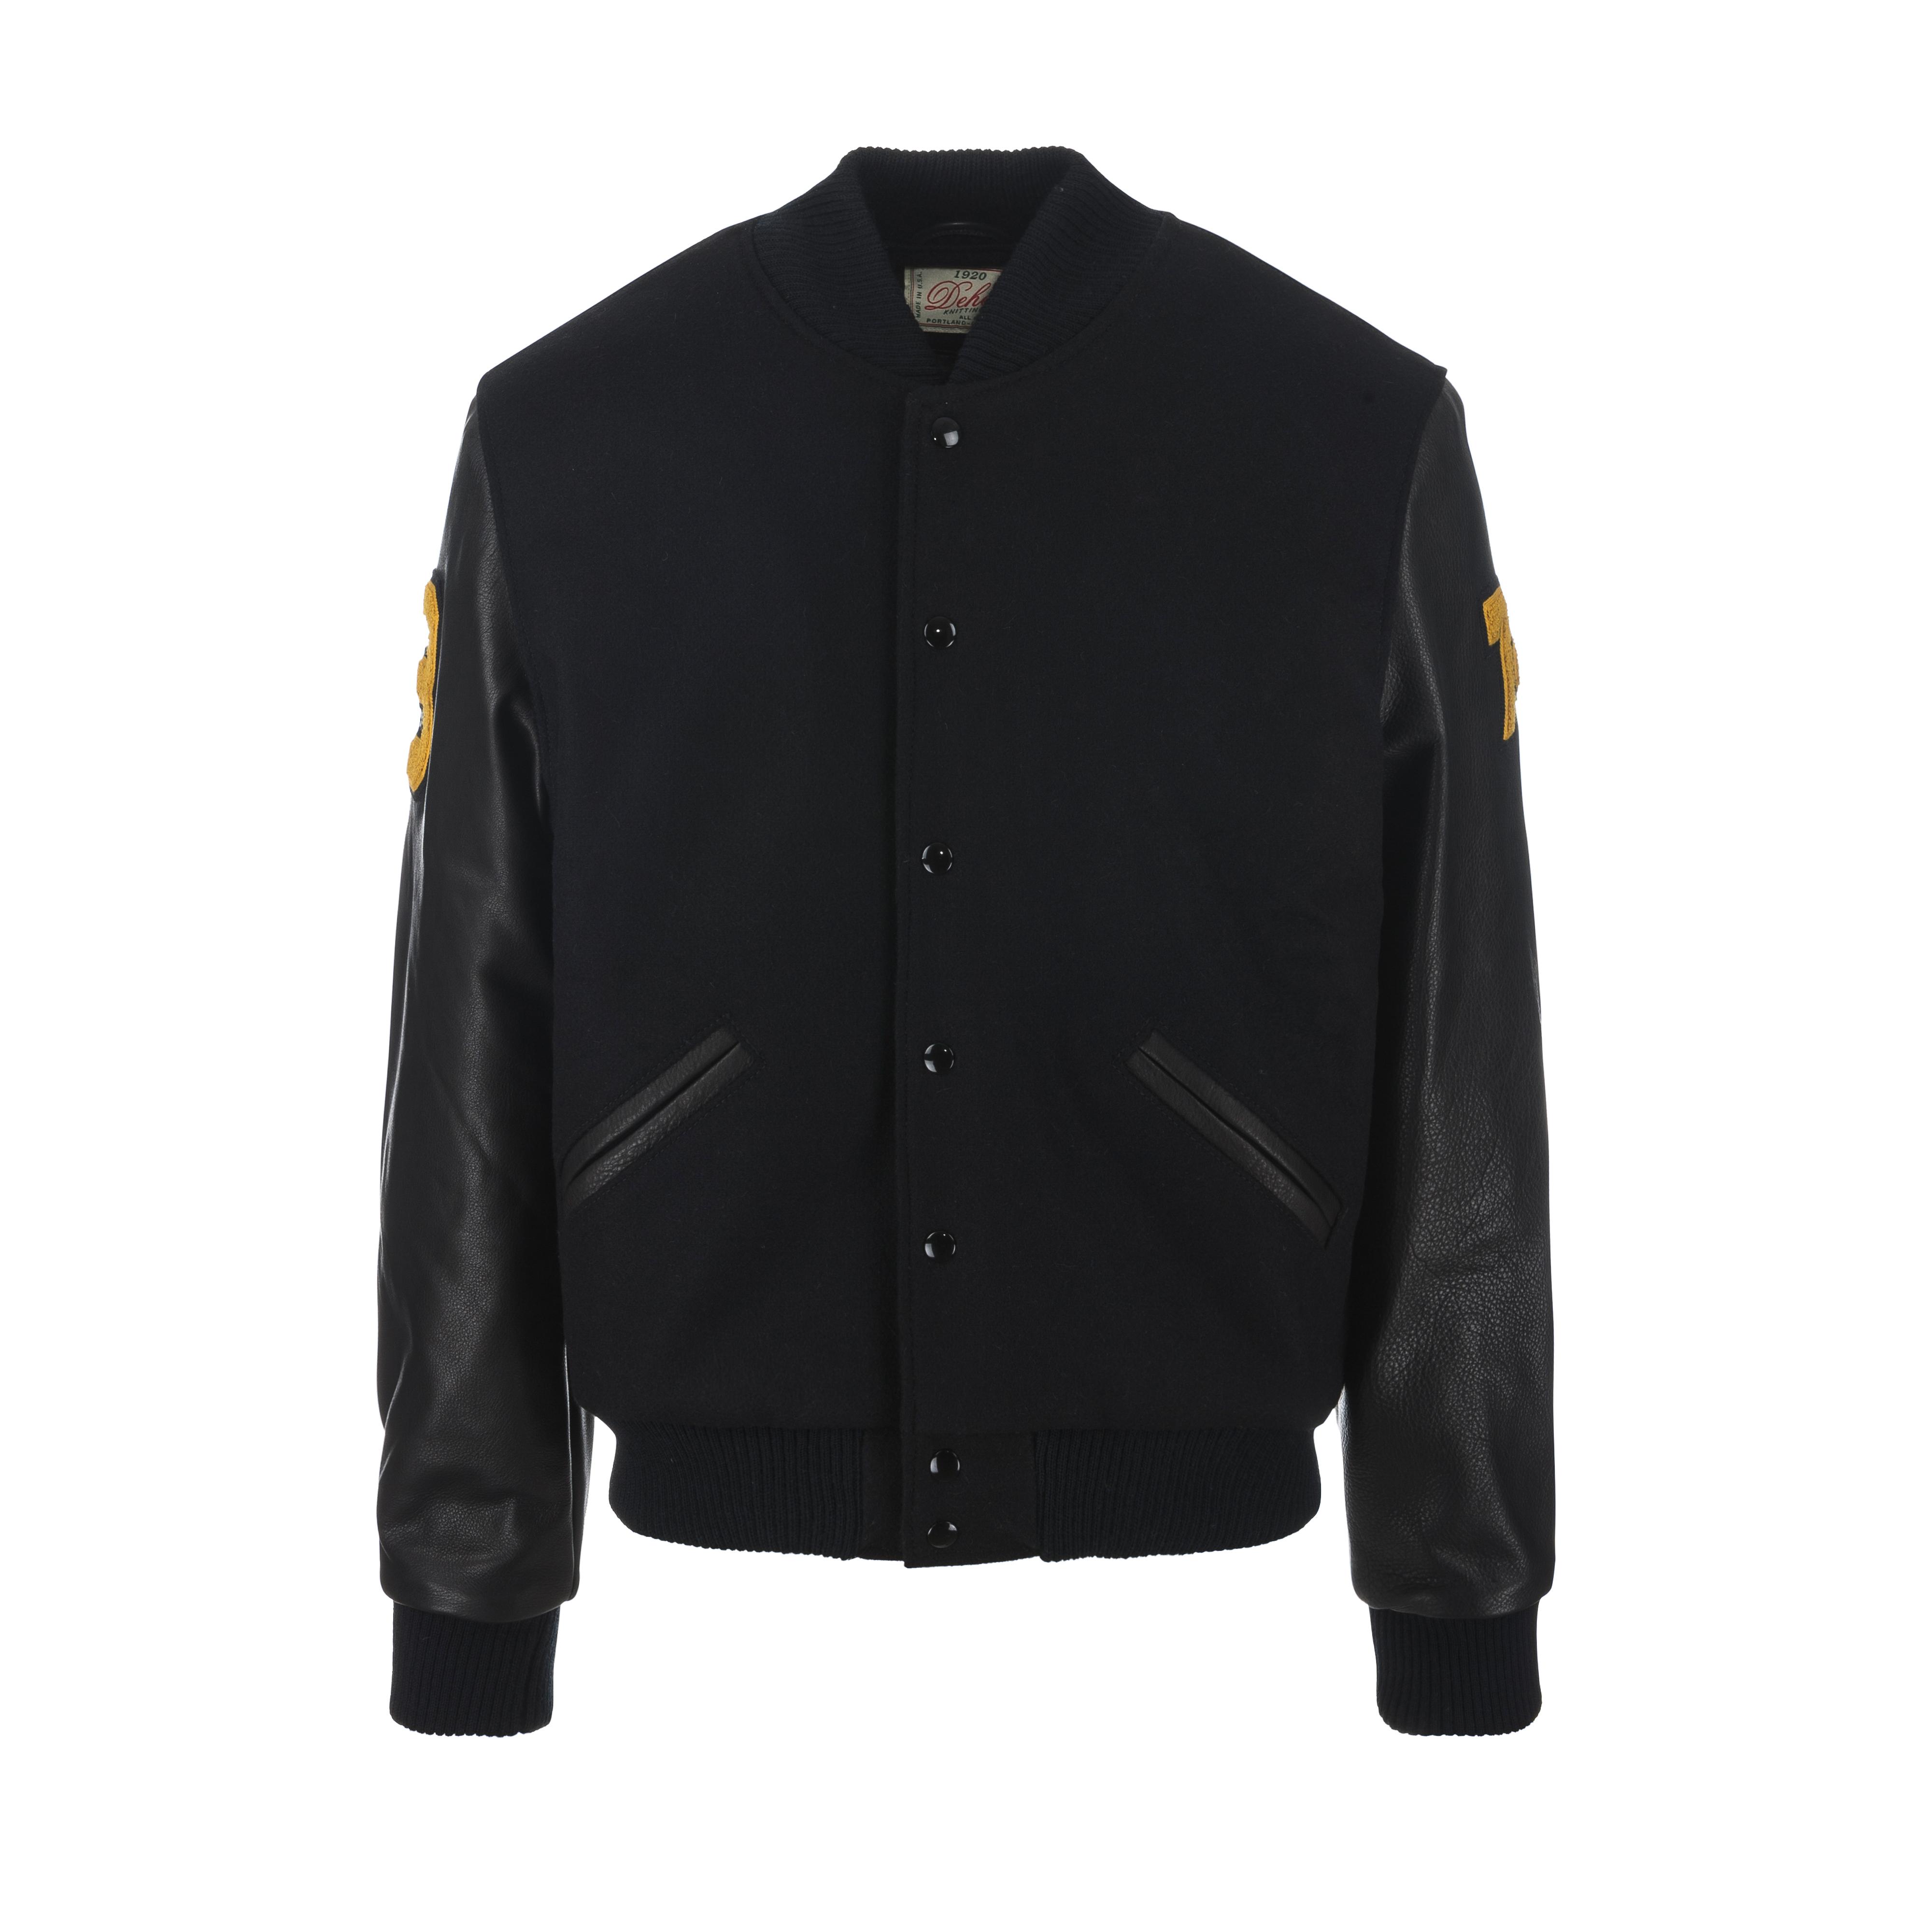 Frankfurt Germany Varsity Jacket Black